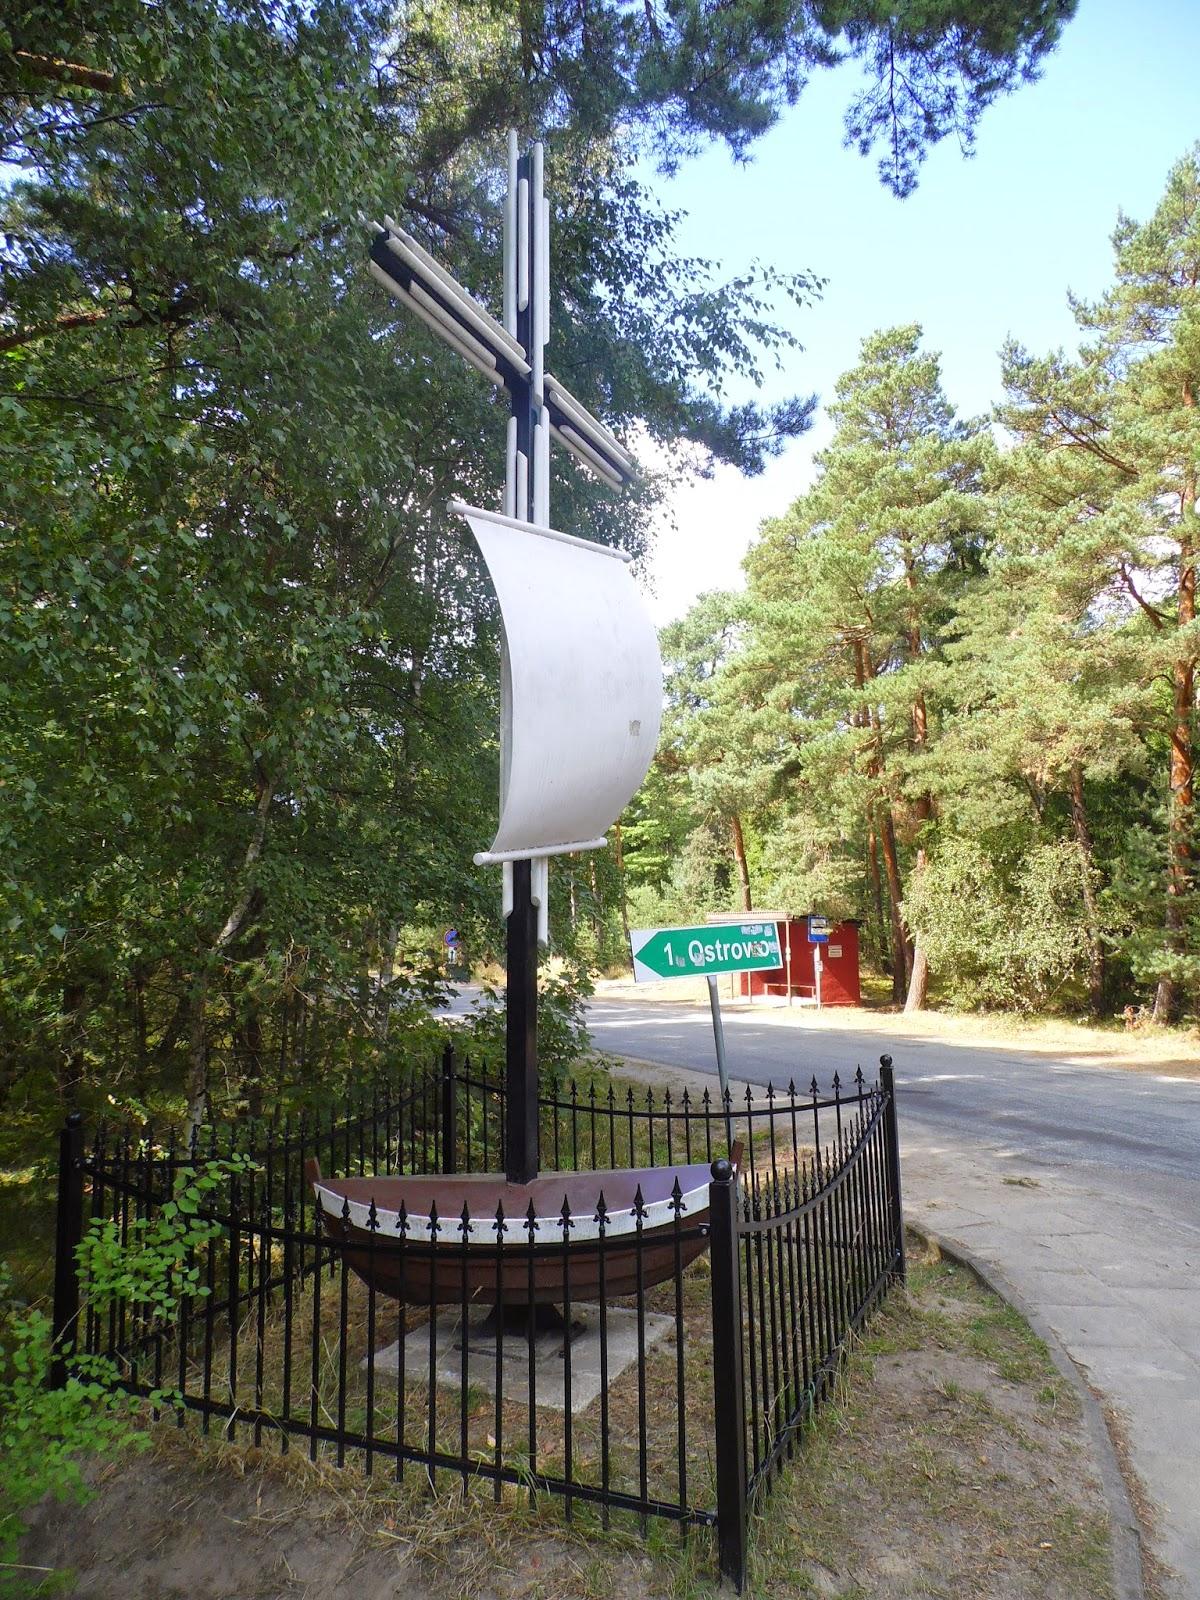 Krzyż, przystanek i drogowskaz przy zjeździe z głównej drogi do Ostrowa